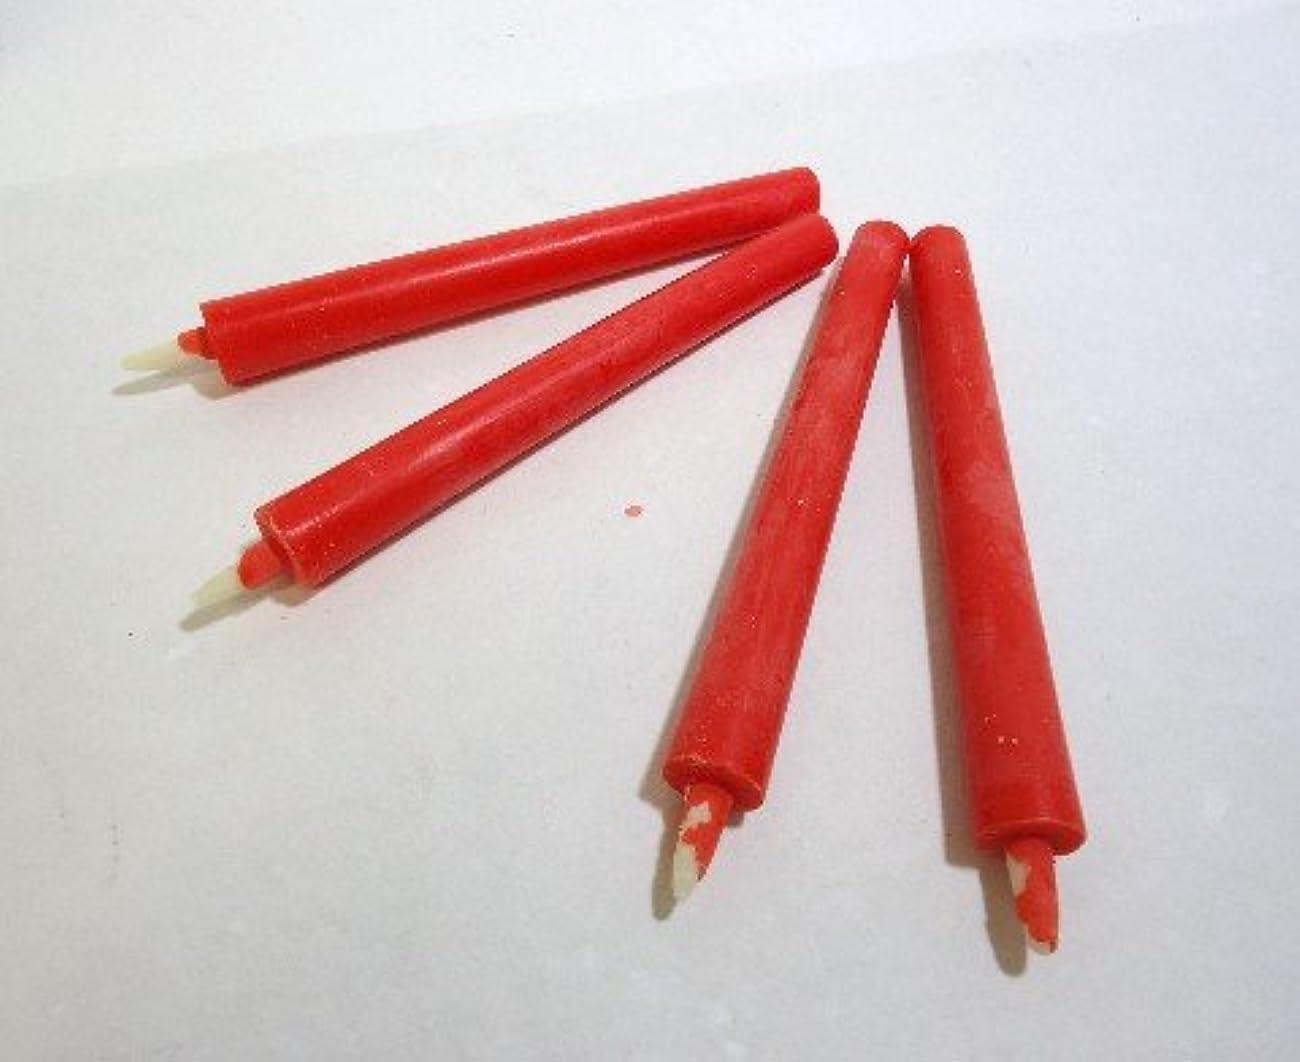 操縦する数学入植者和ろうそく 型和蝋燭 ローソク【朱】 棒 4号 朱色 25本入り 約14センチ 約1.5時間燃焼